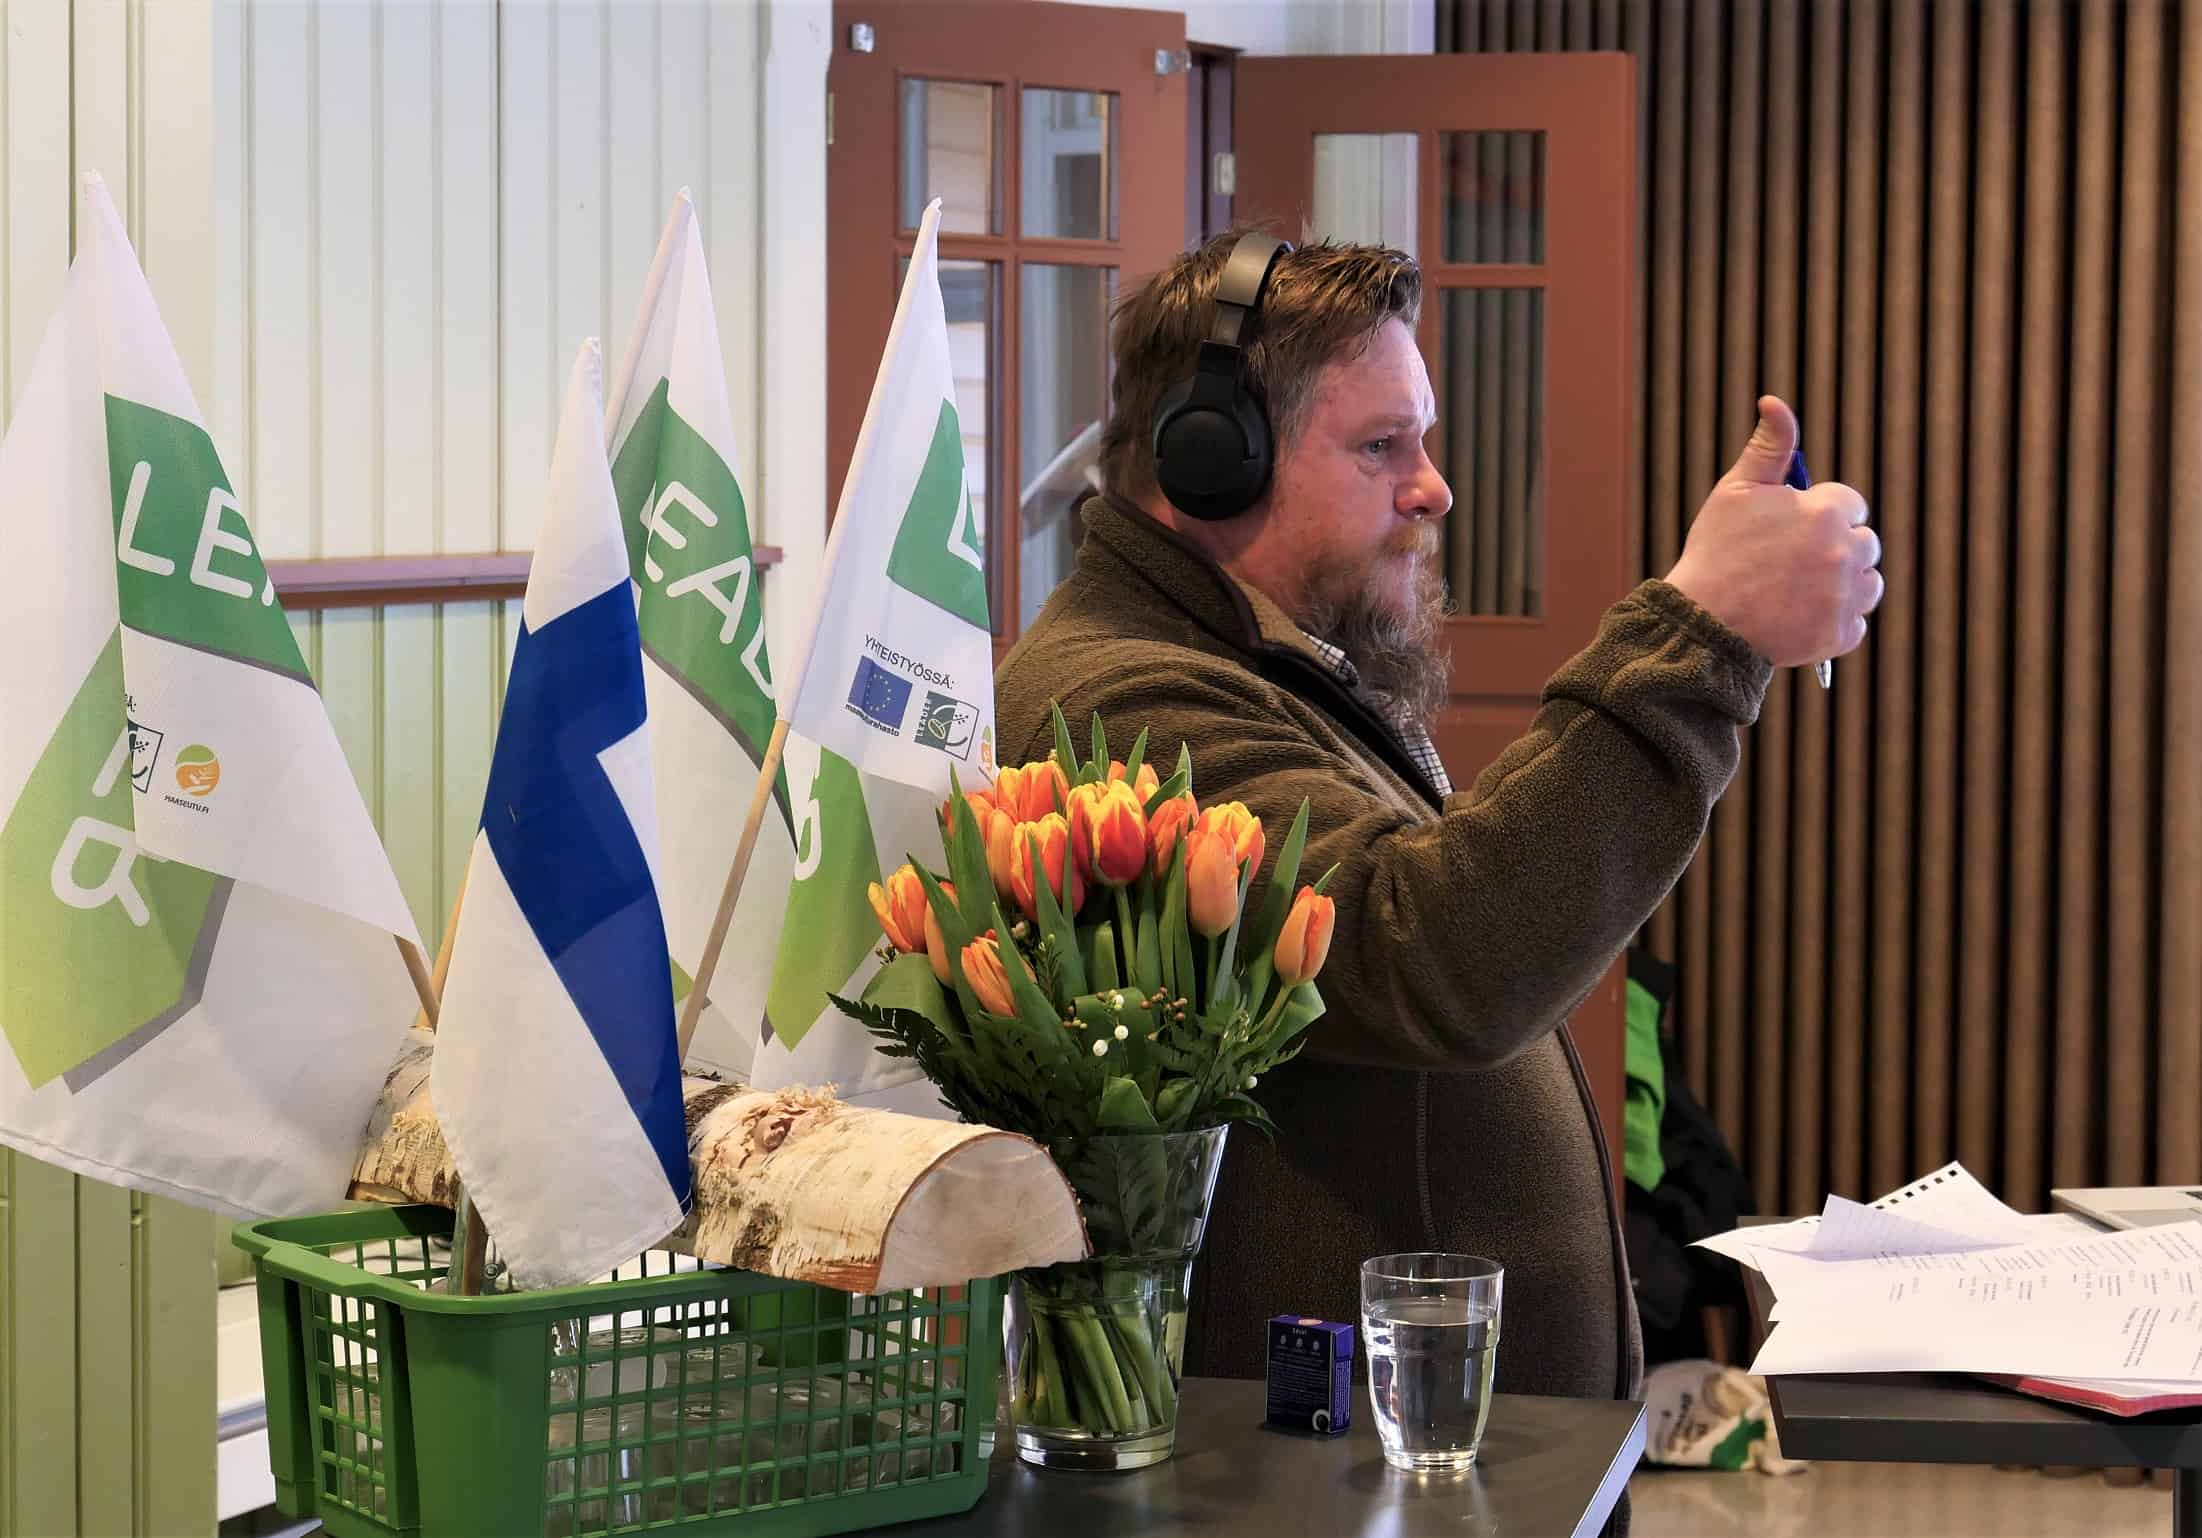 Webinaarin juontaja Lauri Hyttinen näyttää peukkua.